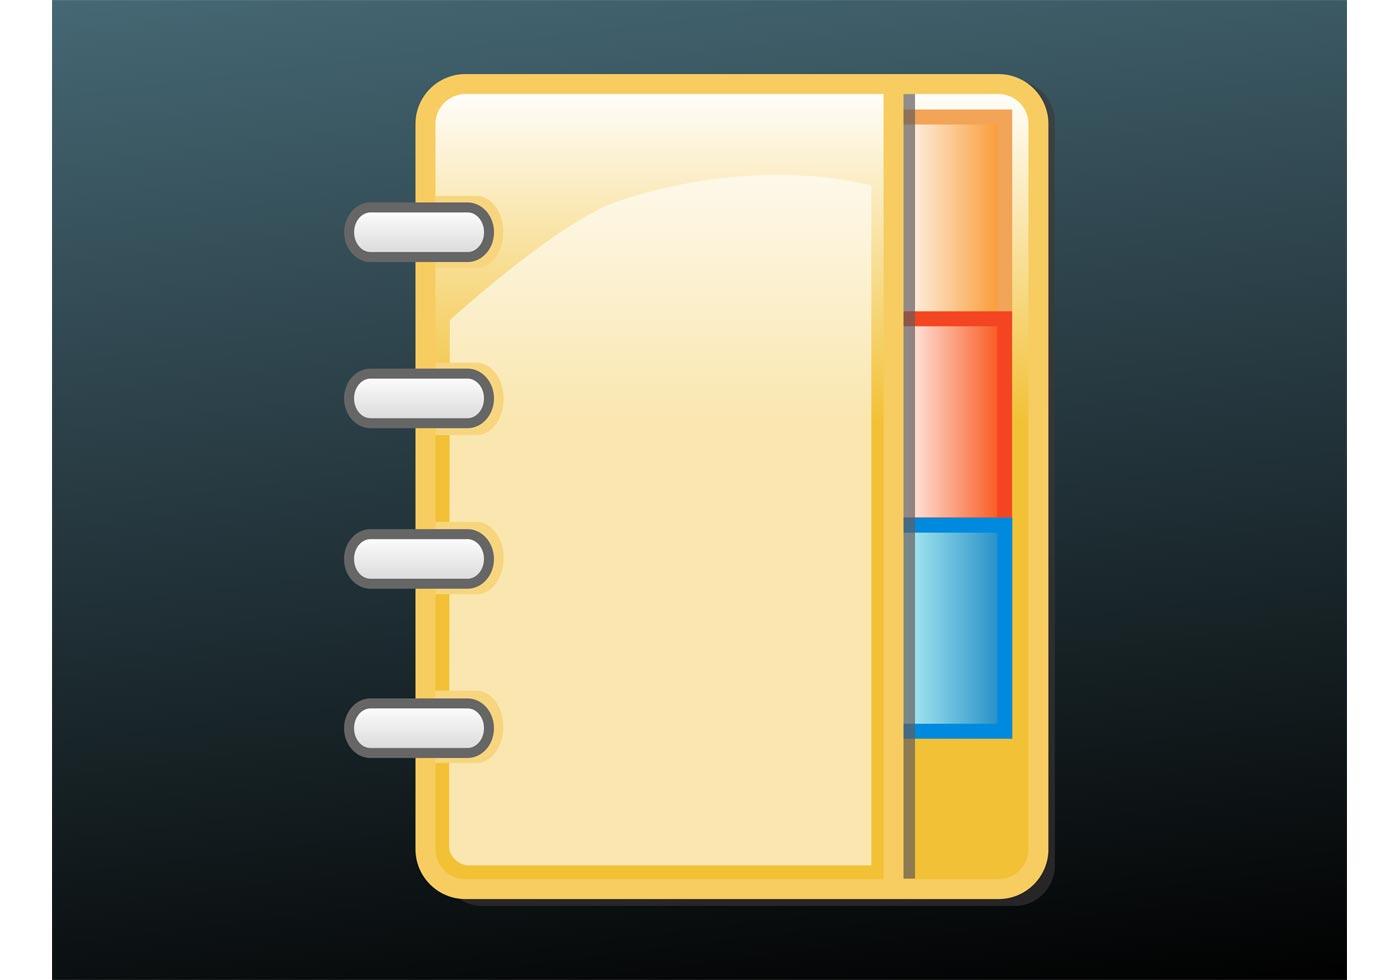 Icono de la libreta de teléfonos - Descargue Gráficos y Vectores Gratis